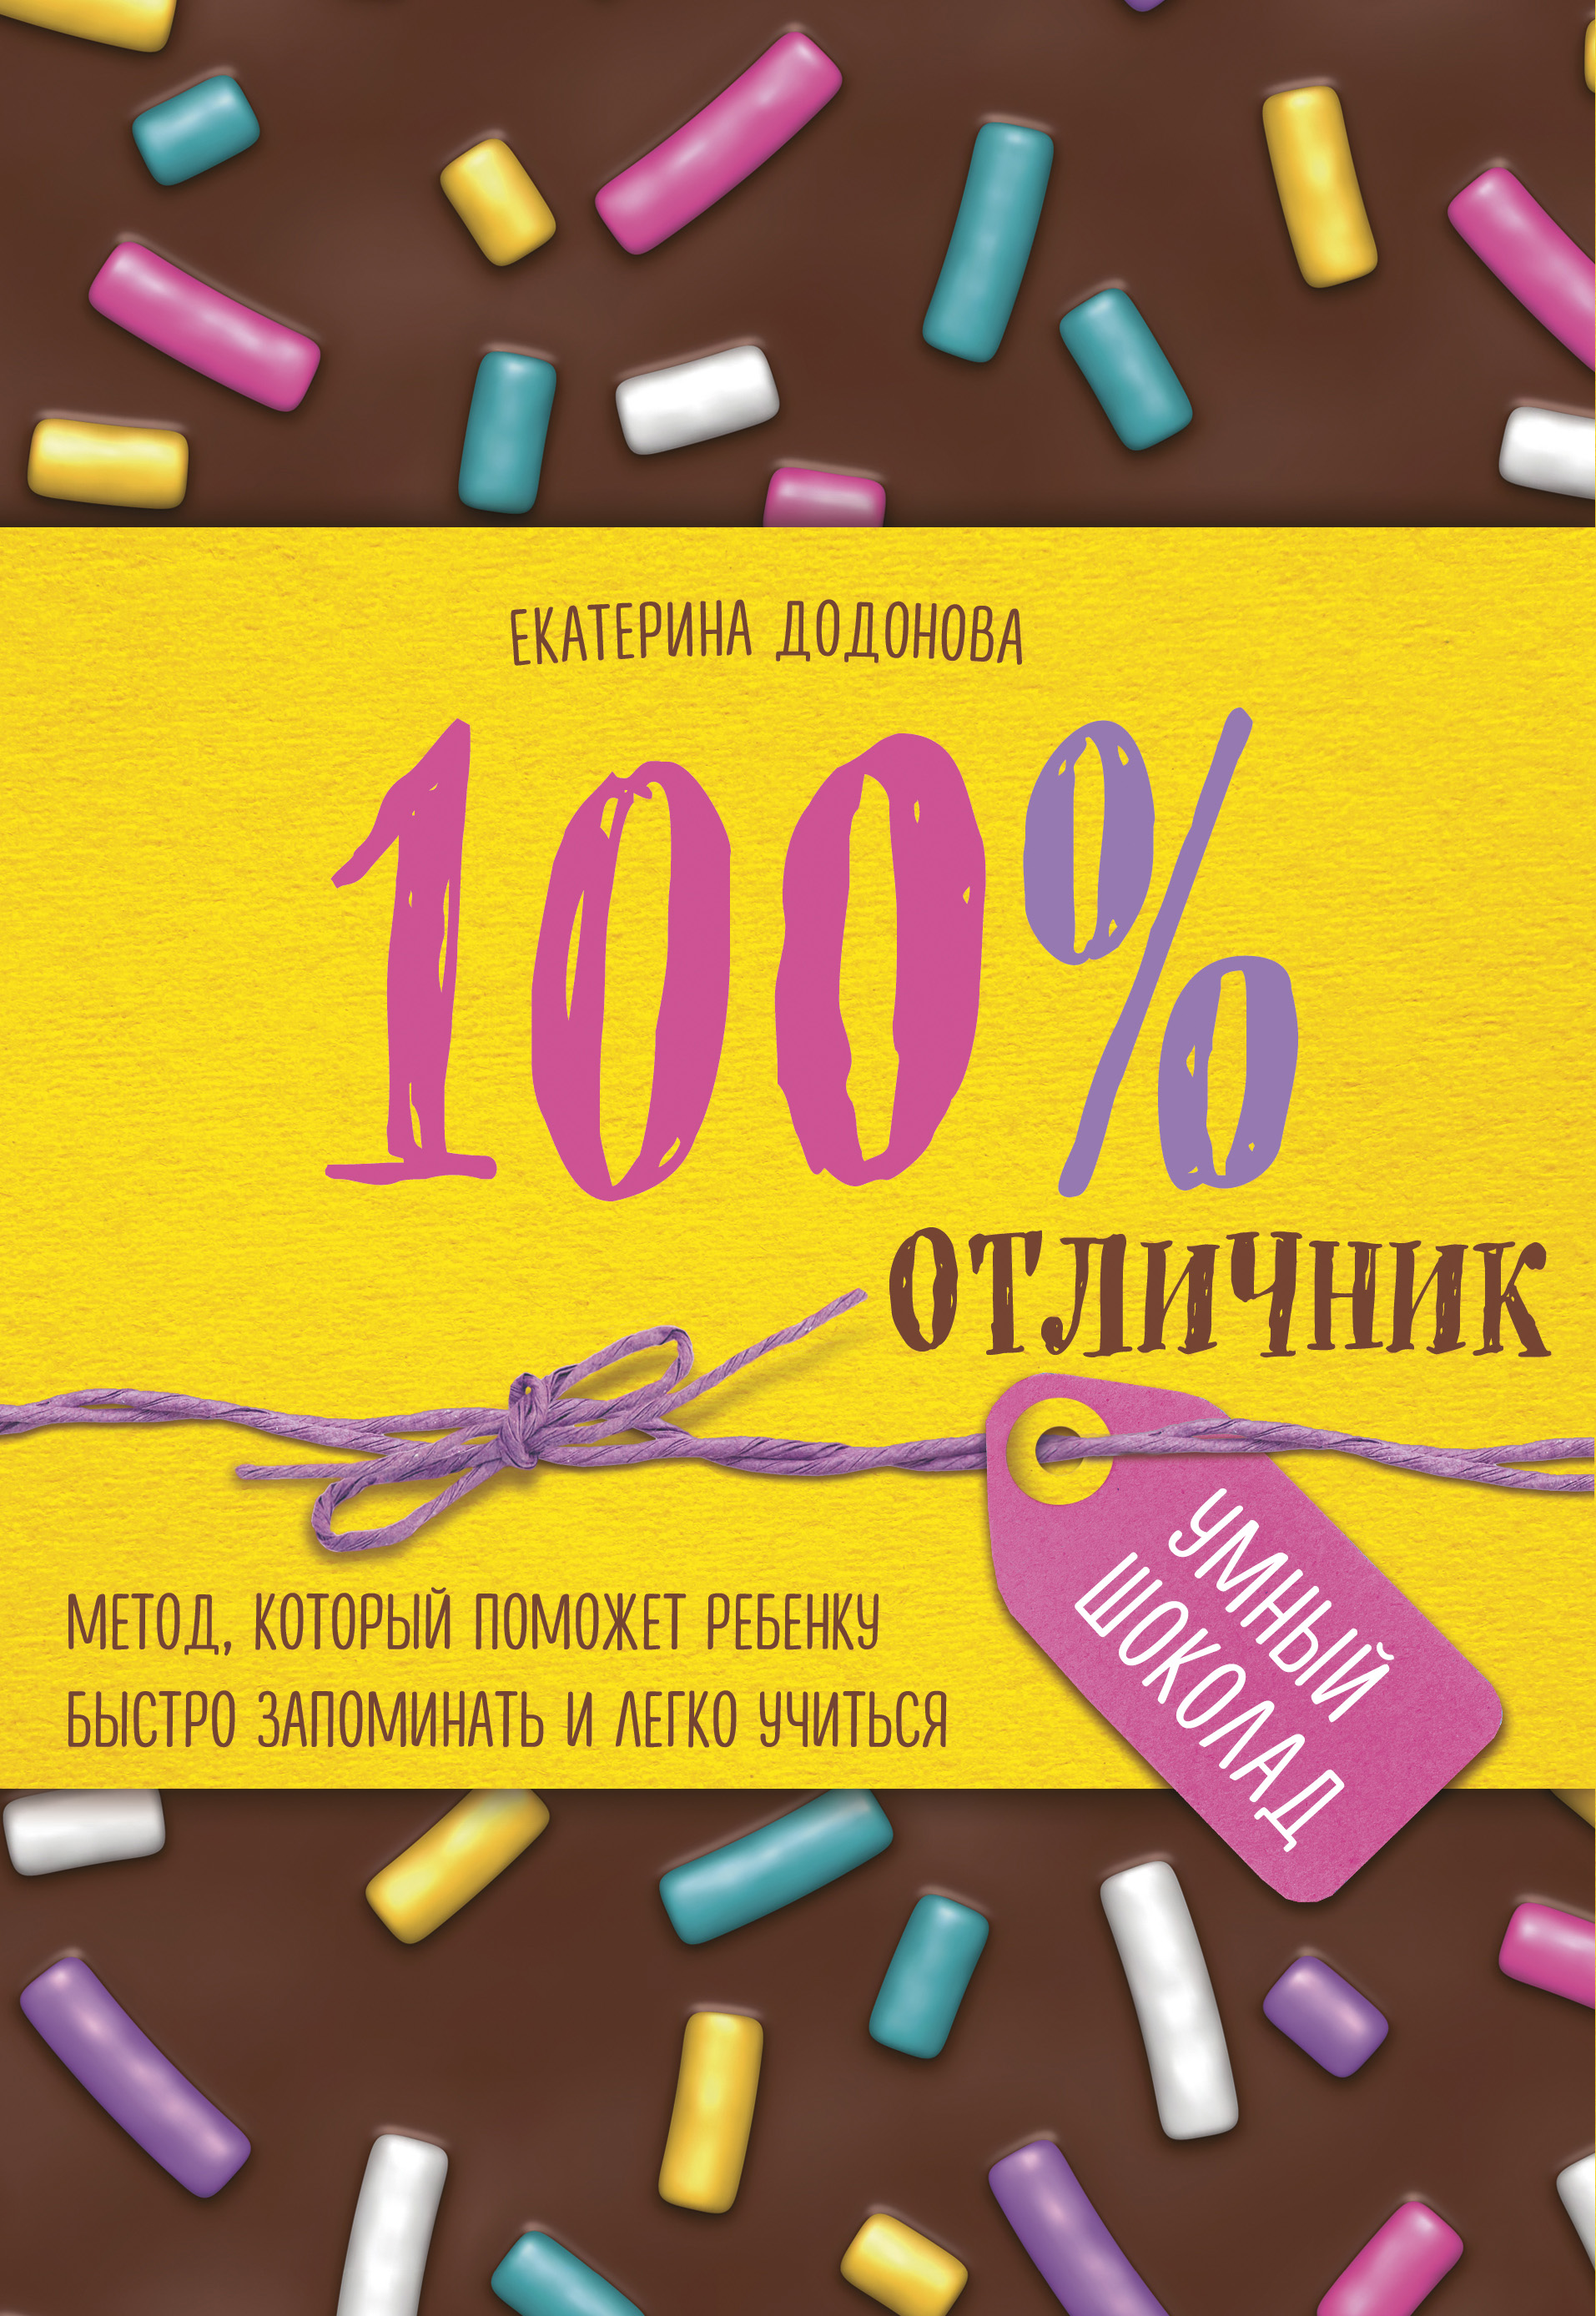 Екатерина Додонова «100% отличник. Метод, который поможет ребенку быстро запоминать и легко учиться»